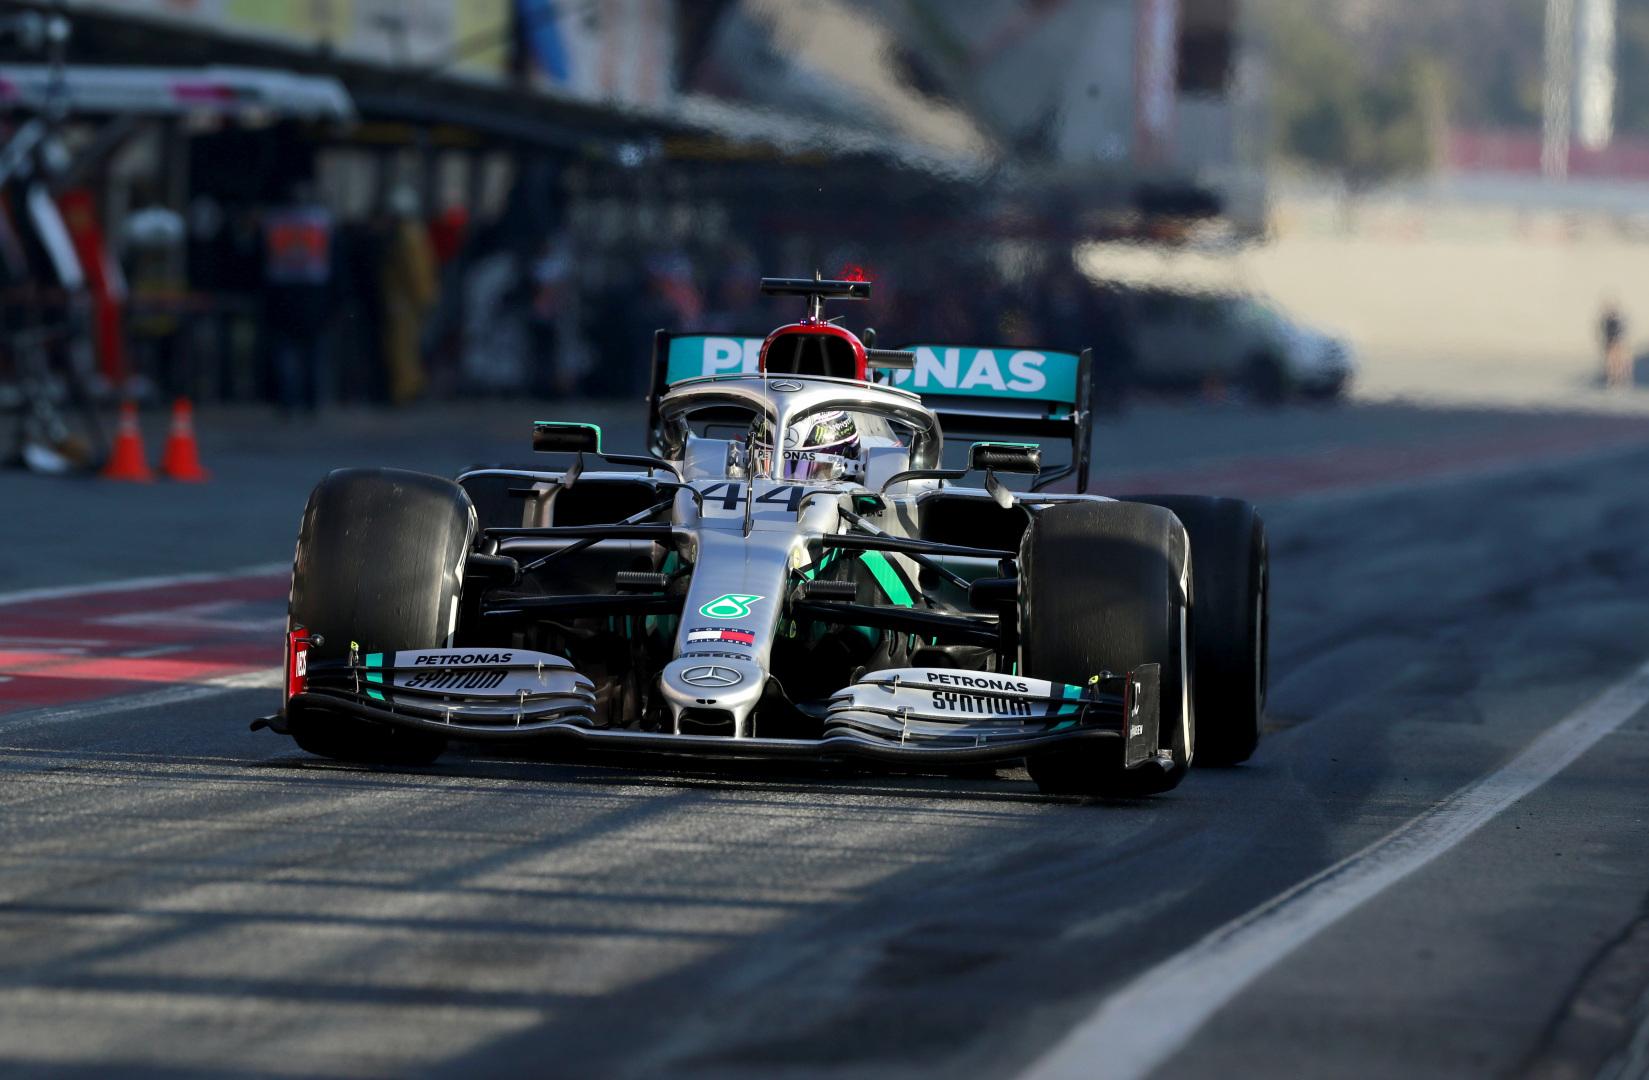 Két csapat rondíthat bele az F1 új tervébe